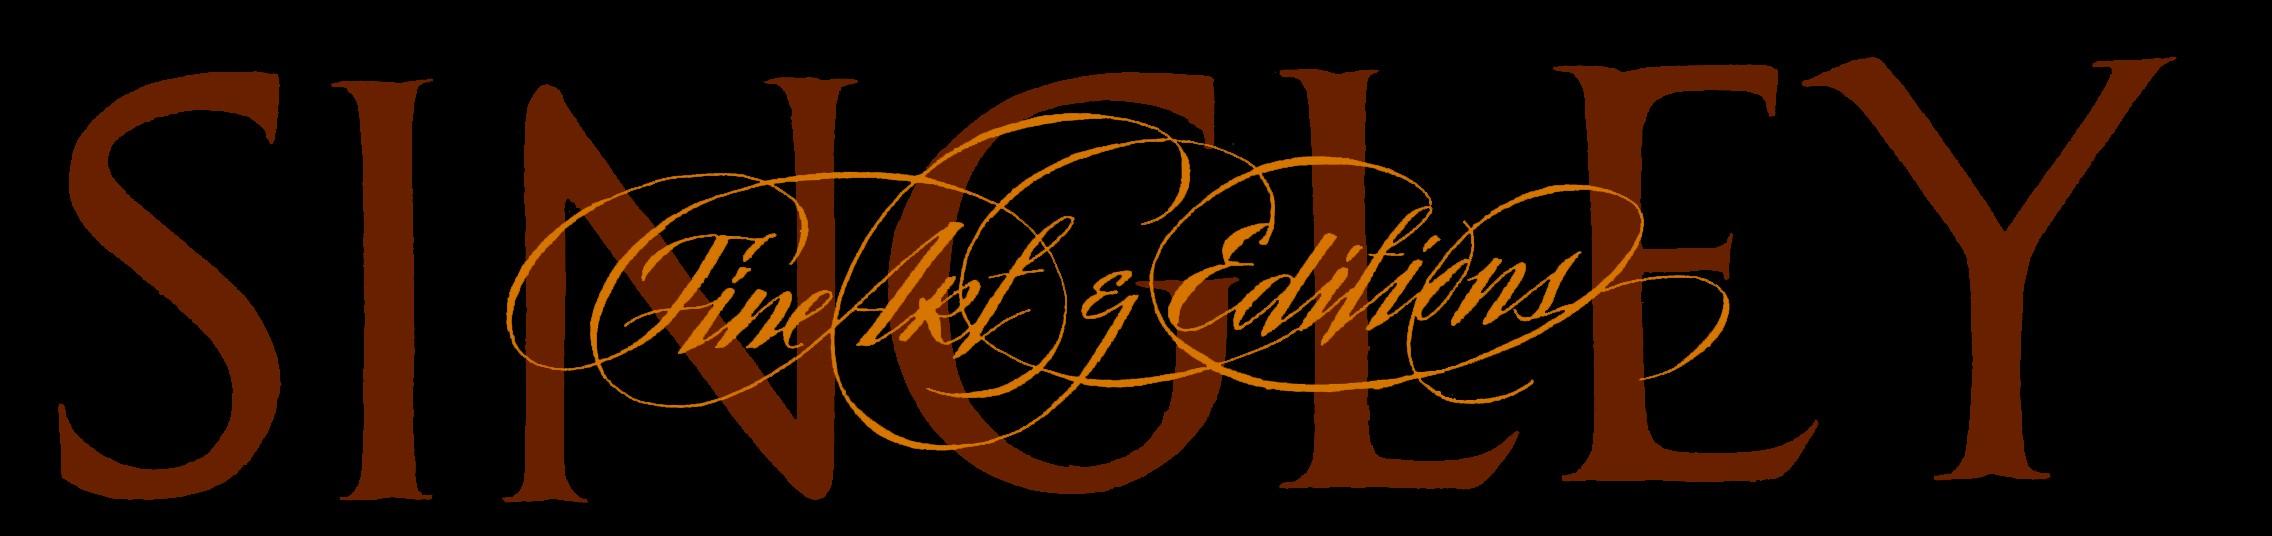 Logo_GregSingley jpg.jpg